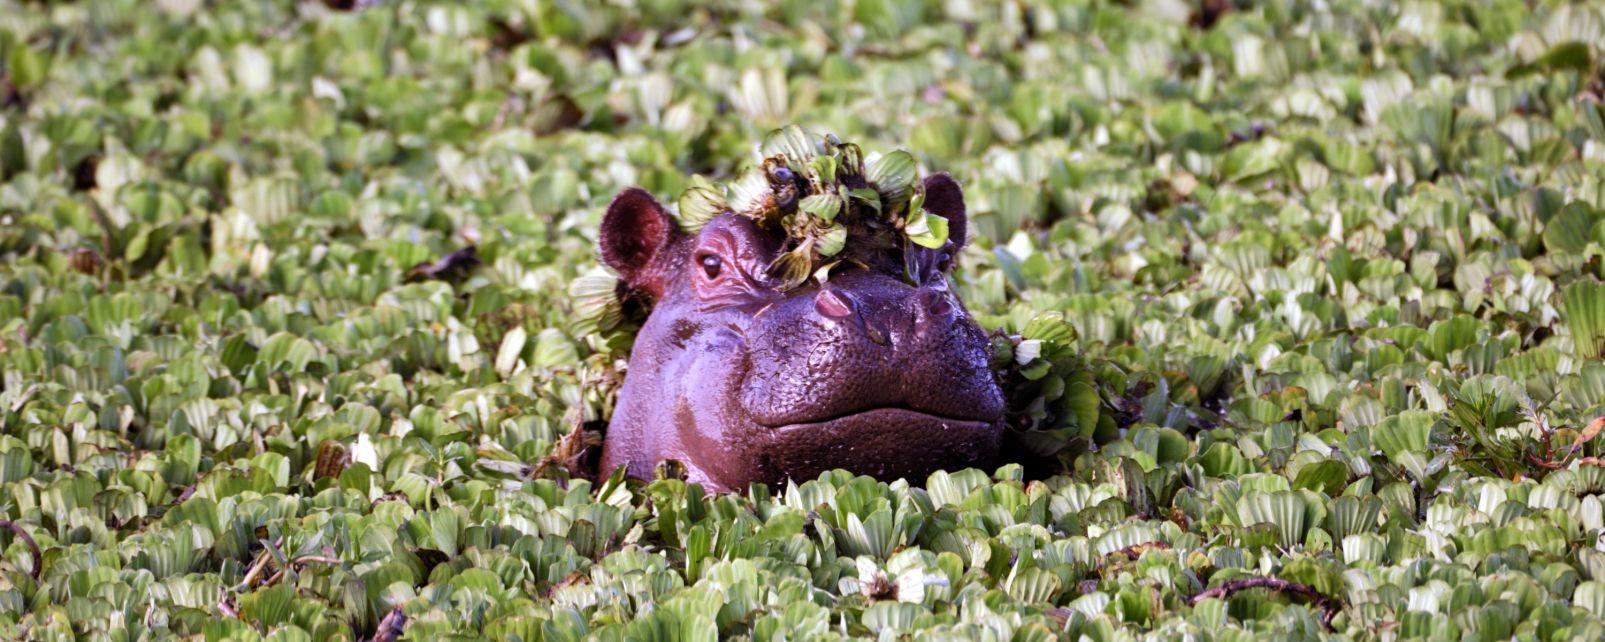 La faune et la flore, gabon, afrique, faune, animal, mammifère, hippopotame, pachyderme